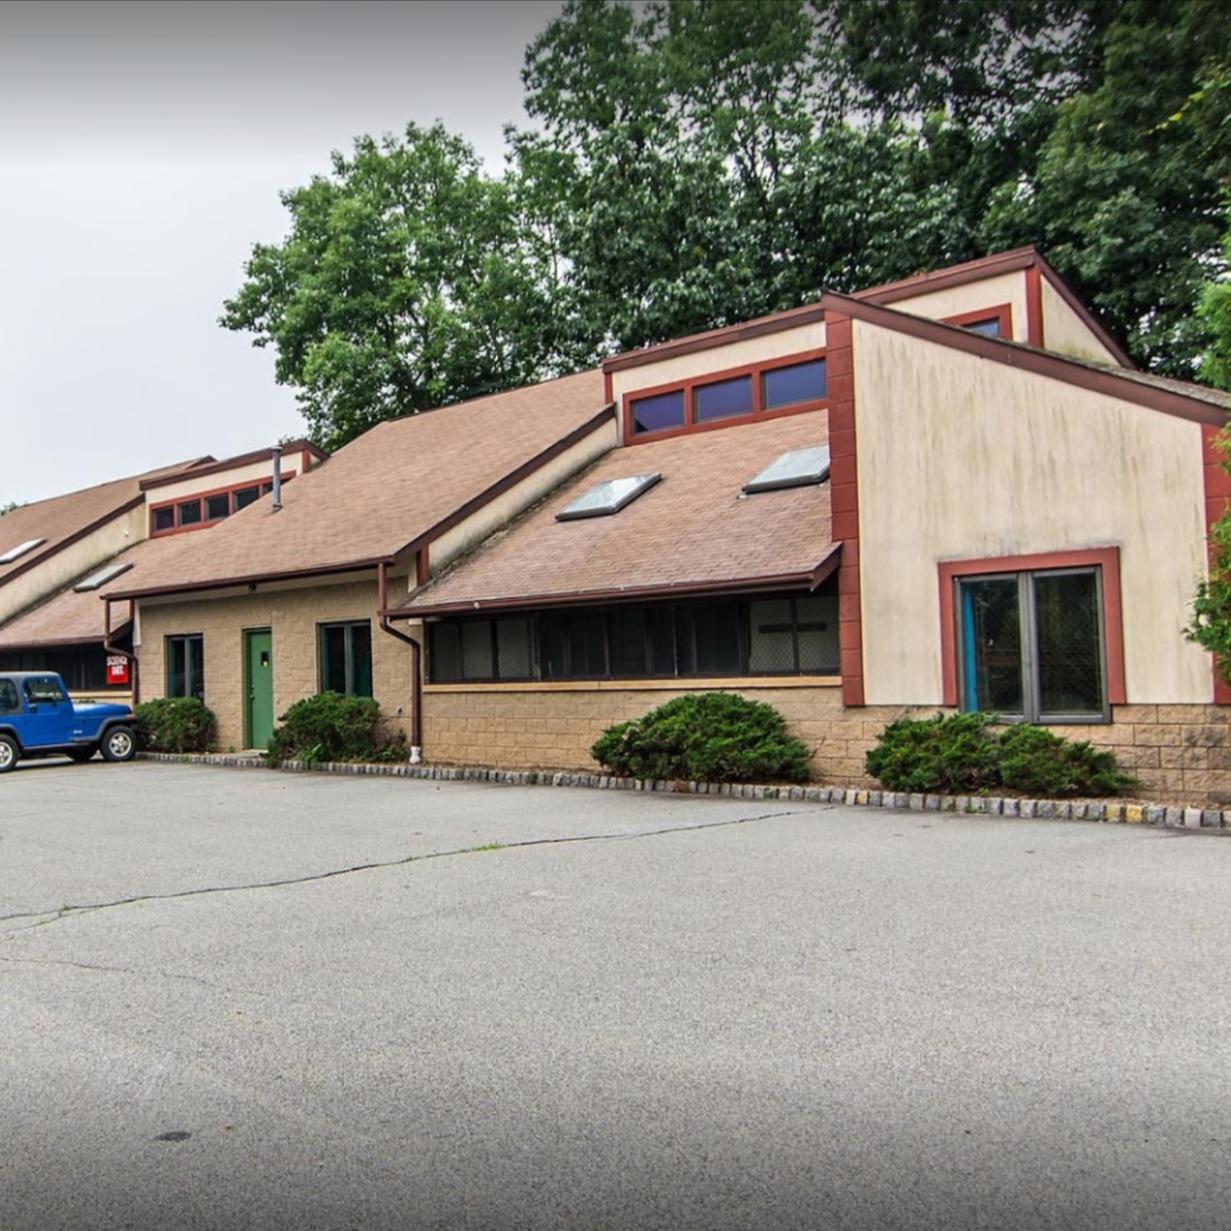 The Animal Hospital of Roxbury - 1901 U.S. 46, Ledgewood, NJ 07852